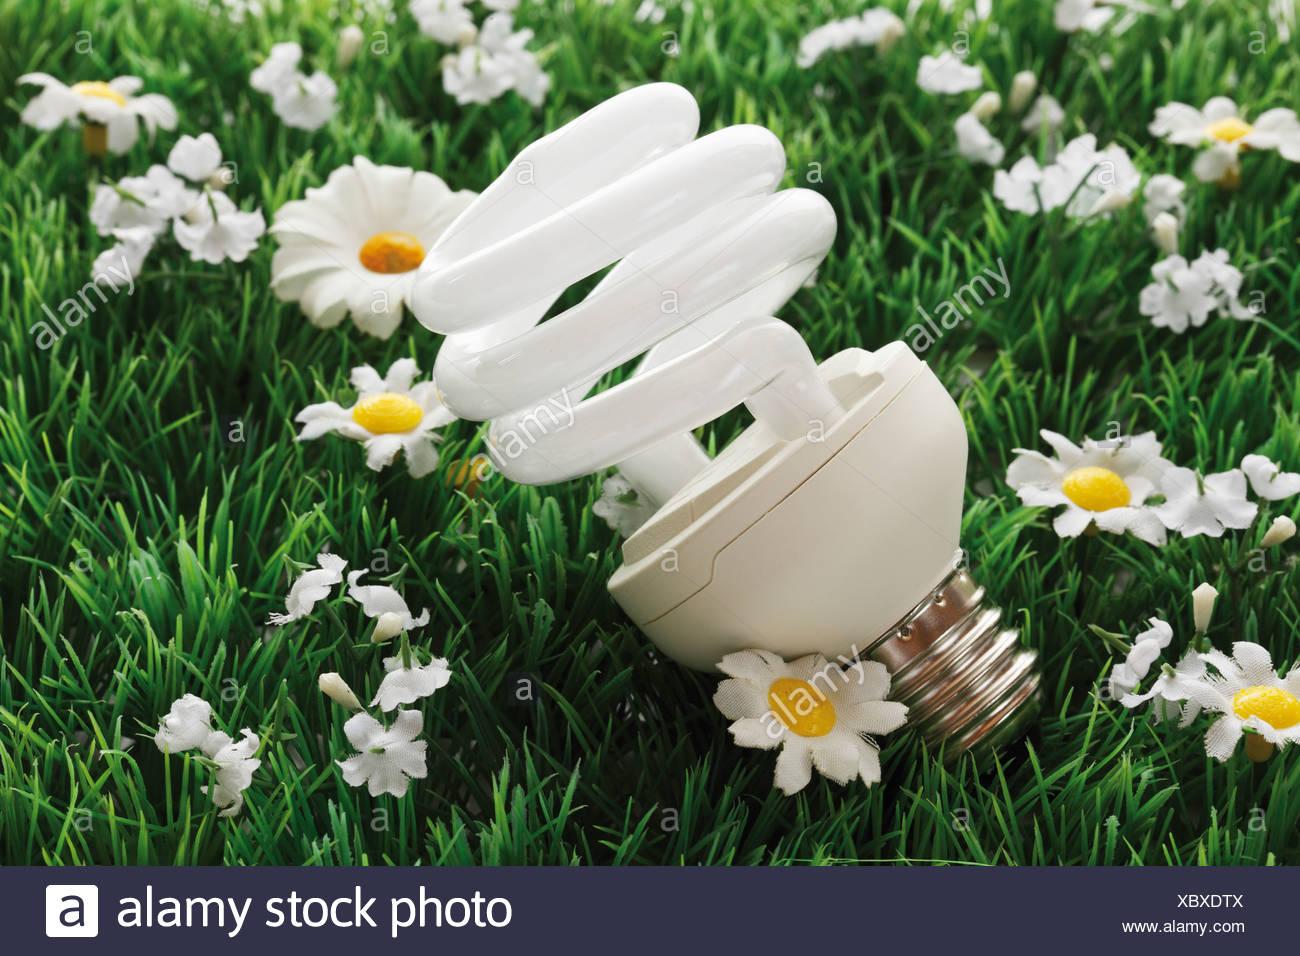 Bombilla de ahorro de energía en césped sintético, close-up Imagen De Stock